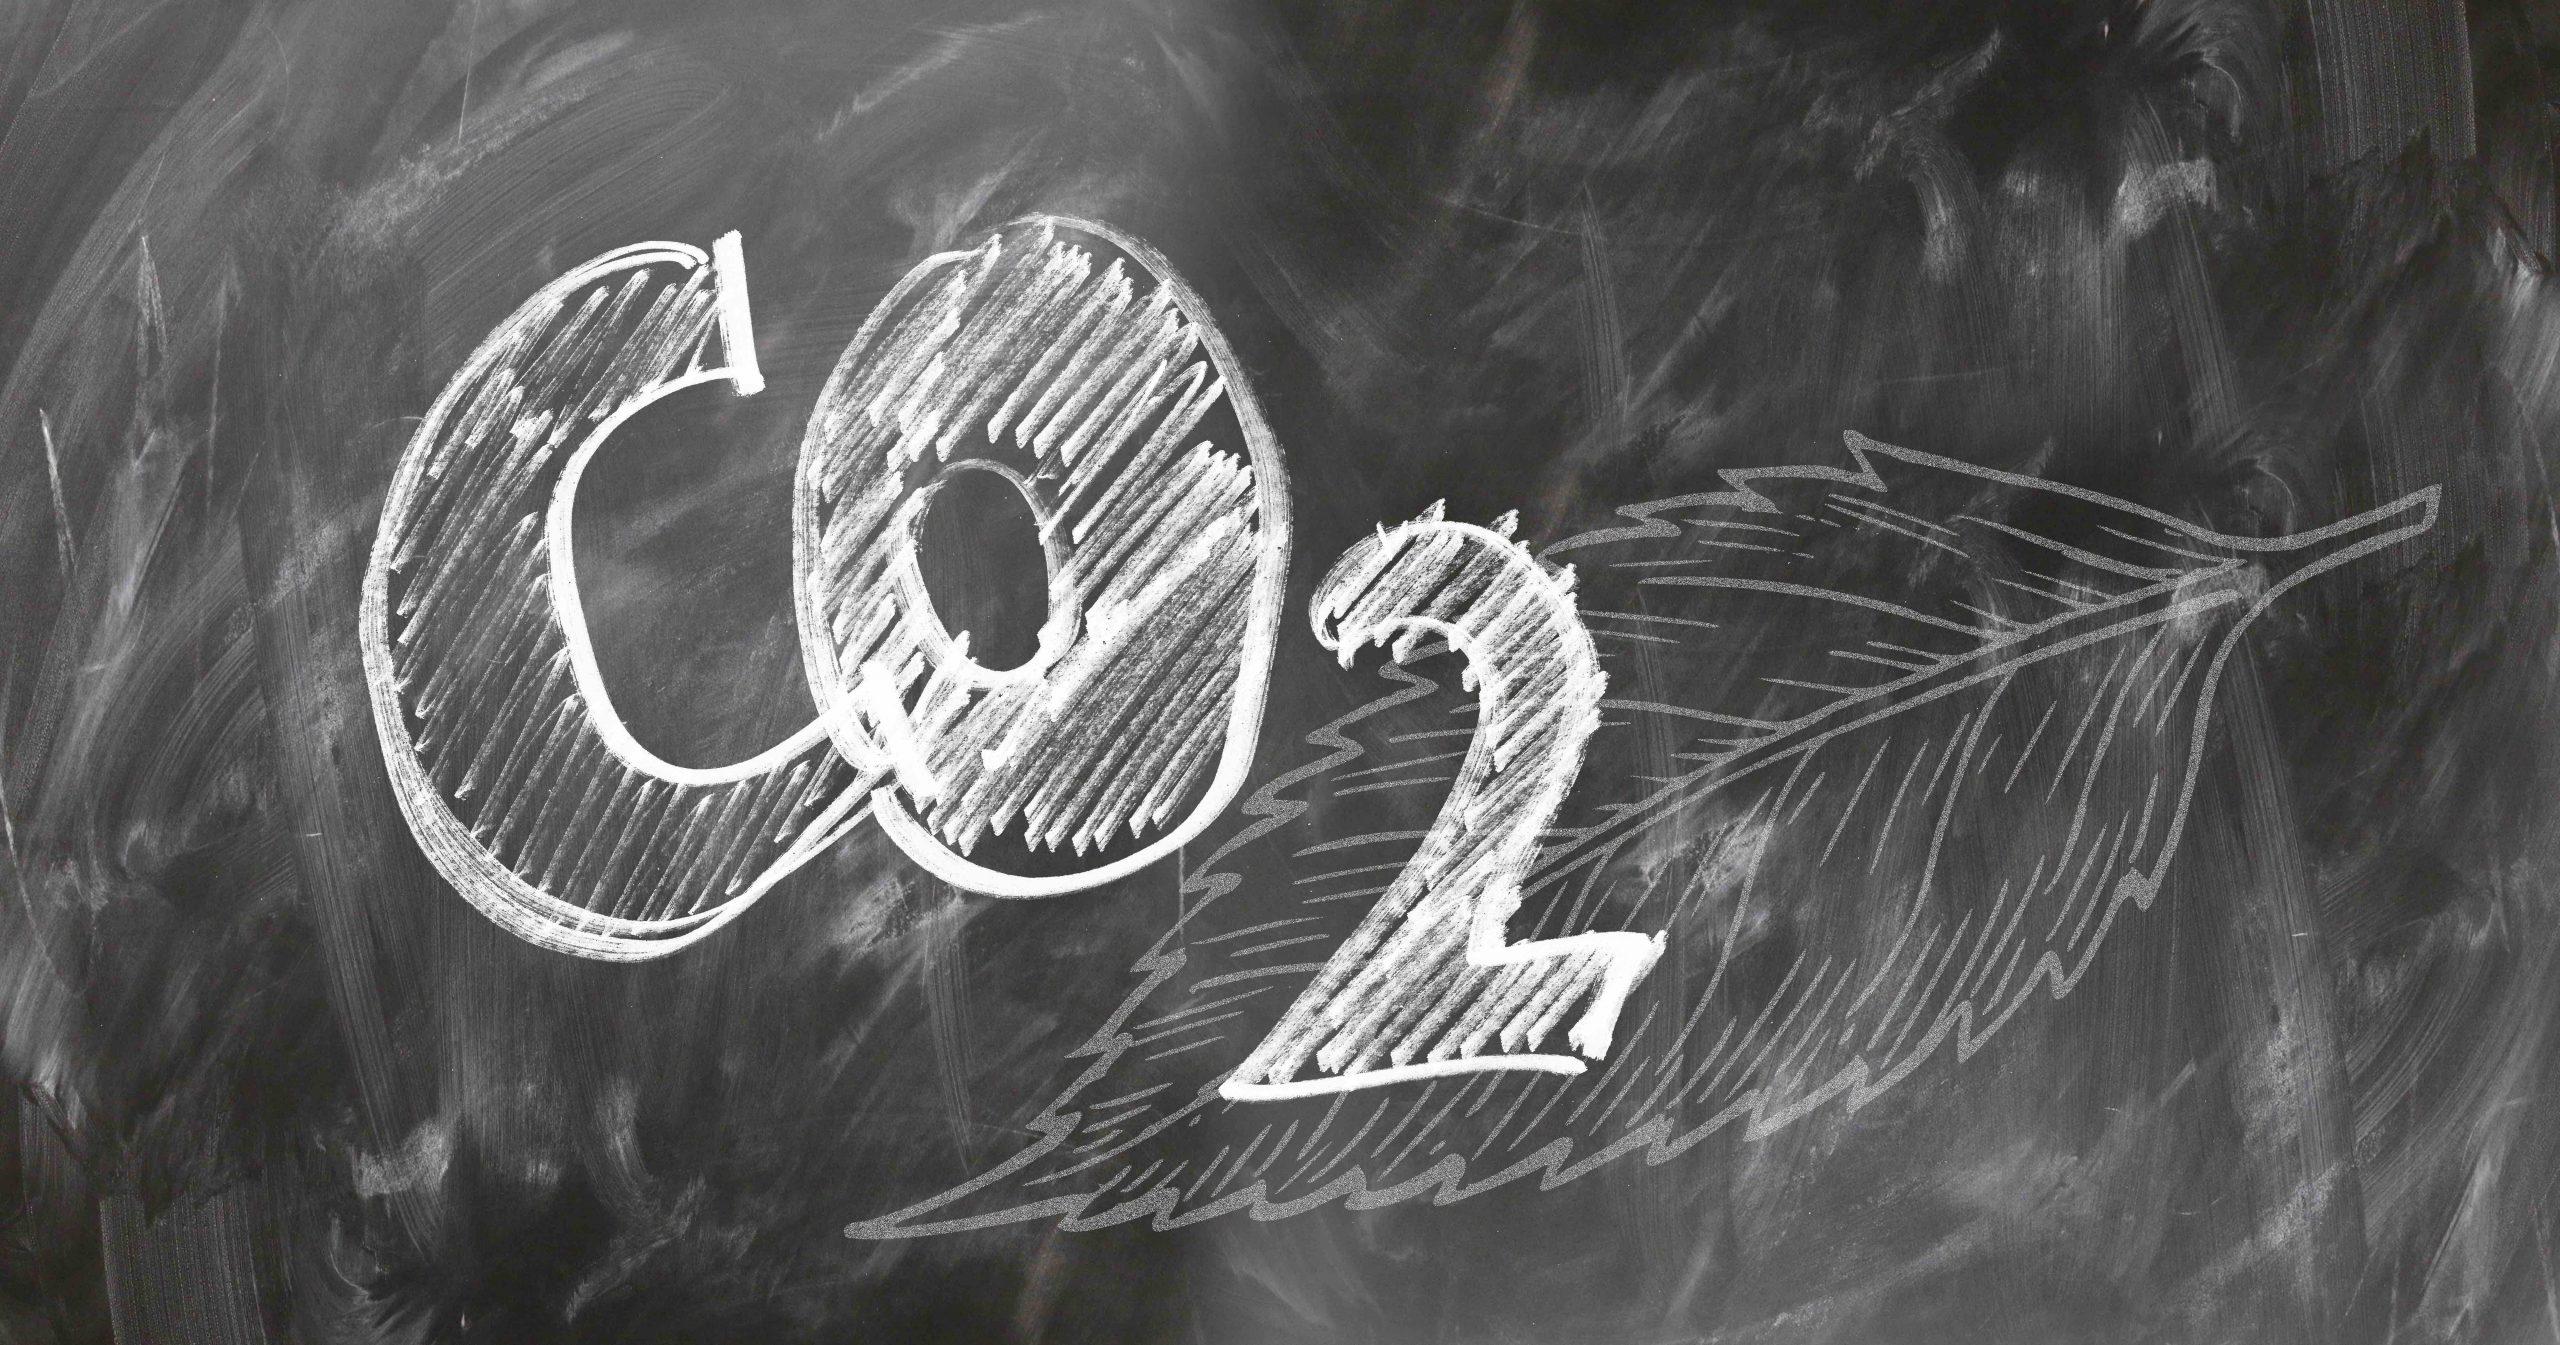 C02 mit Kreide auf einer Tafel